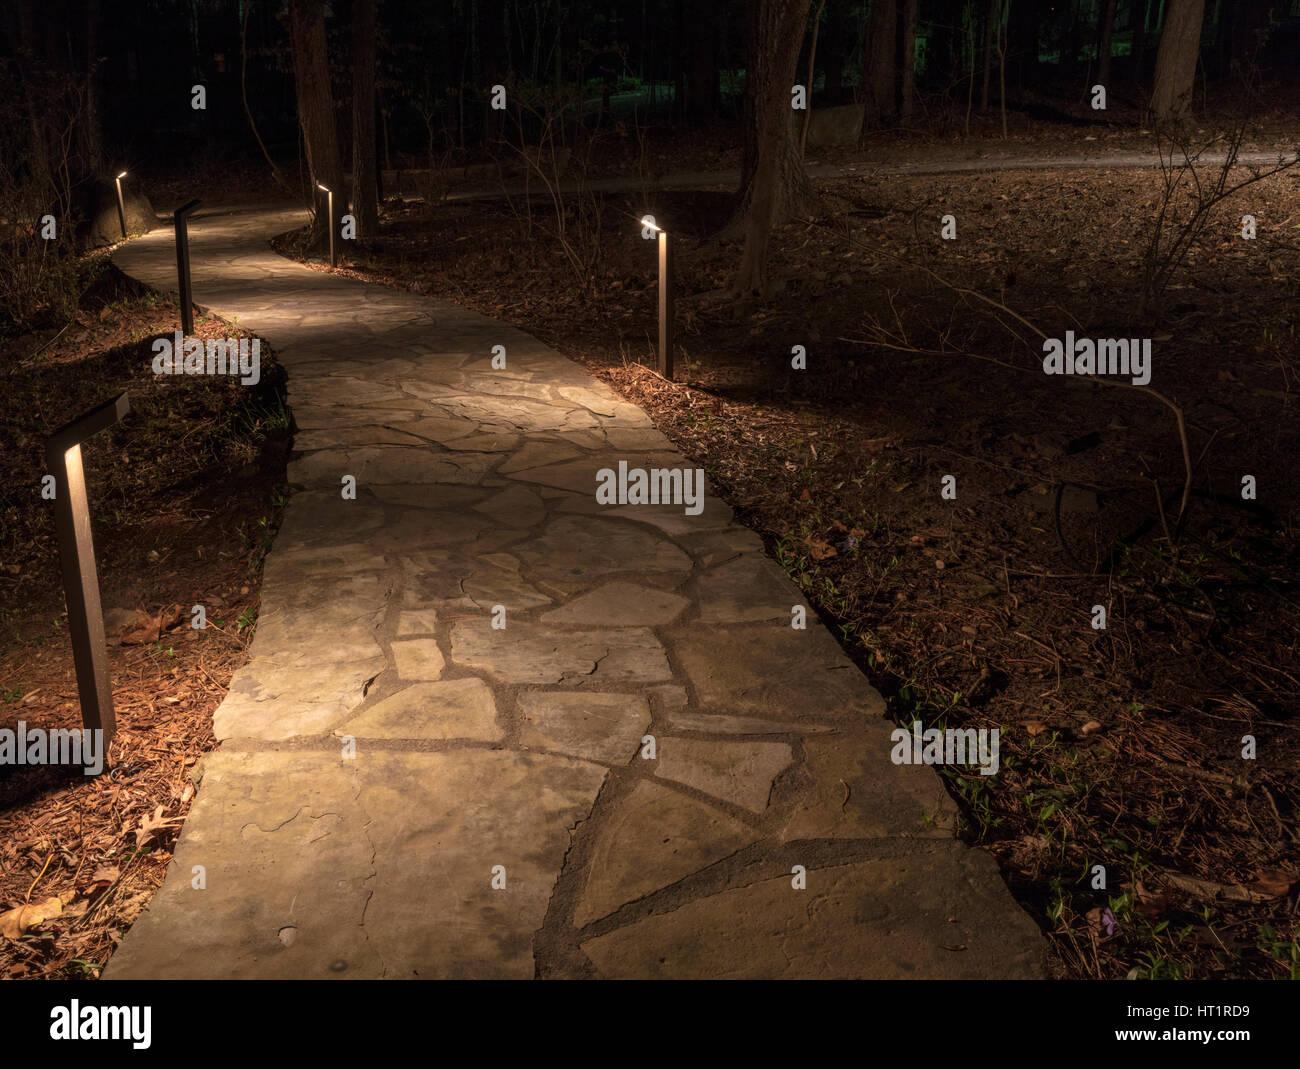 Ruta de la piedra iluminada Imagen De Stock